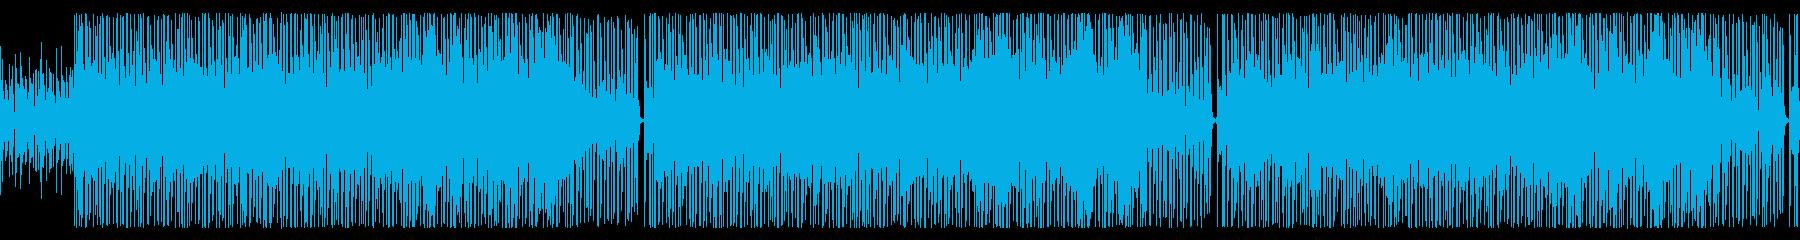 【ループ版】YouTube アコギの再生済みの波形